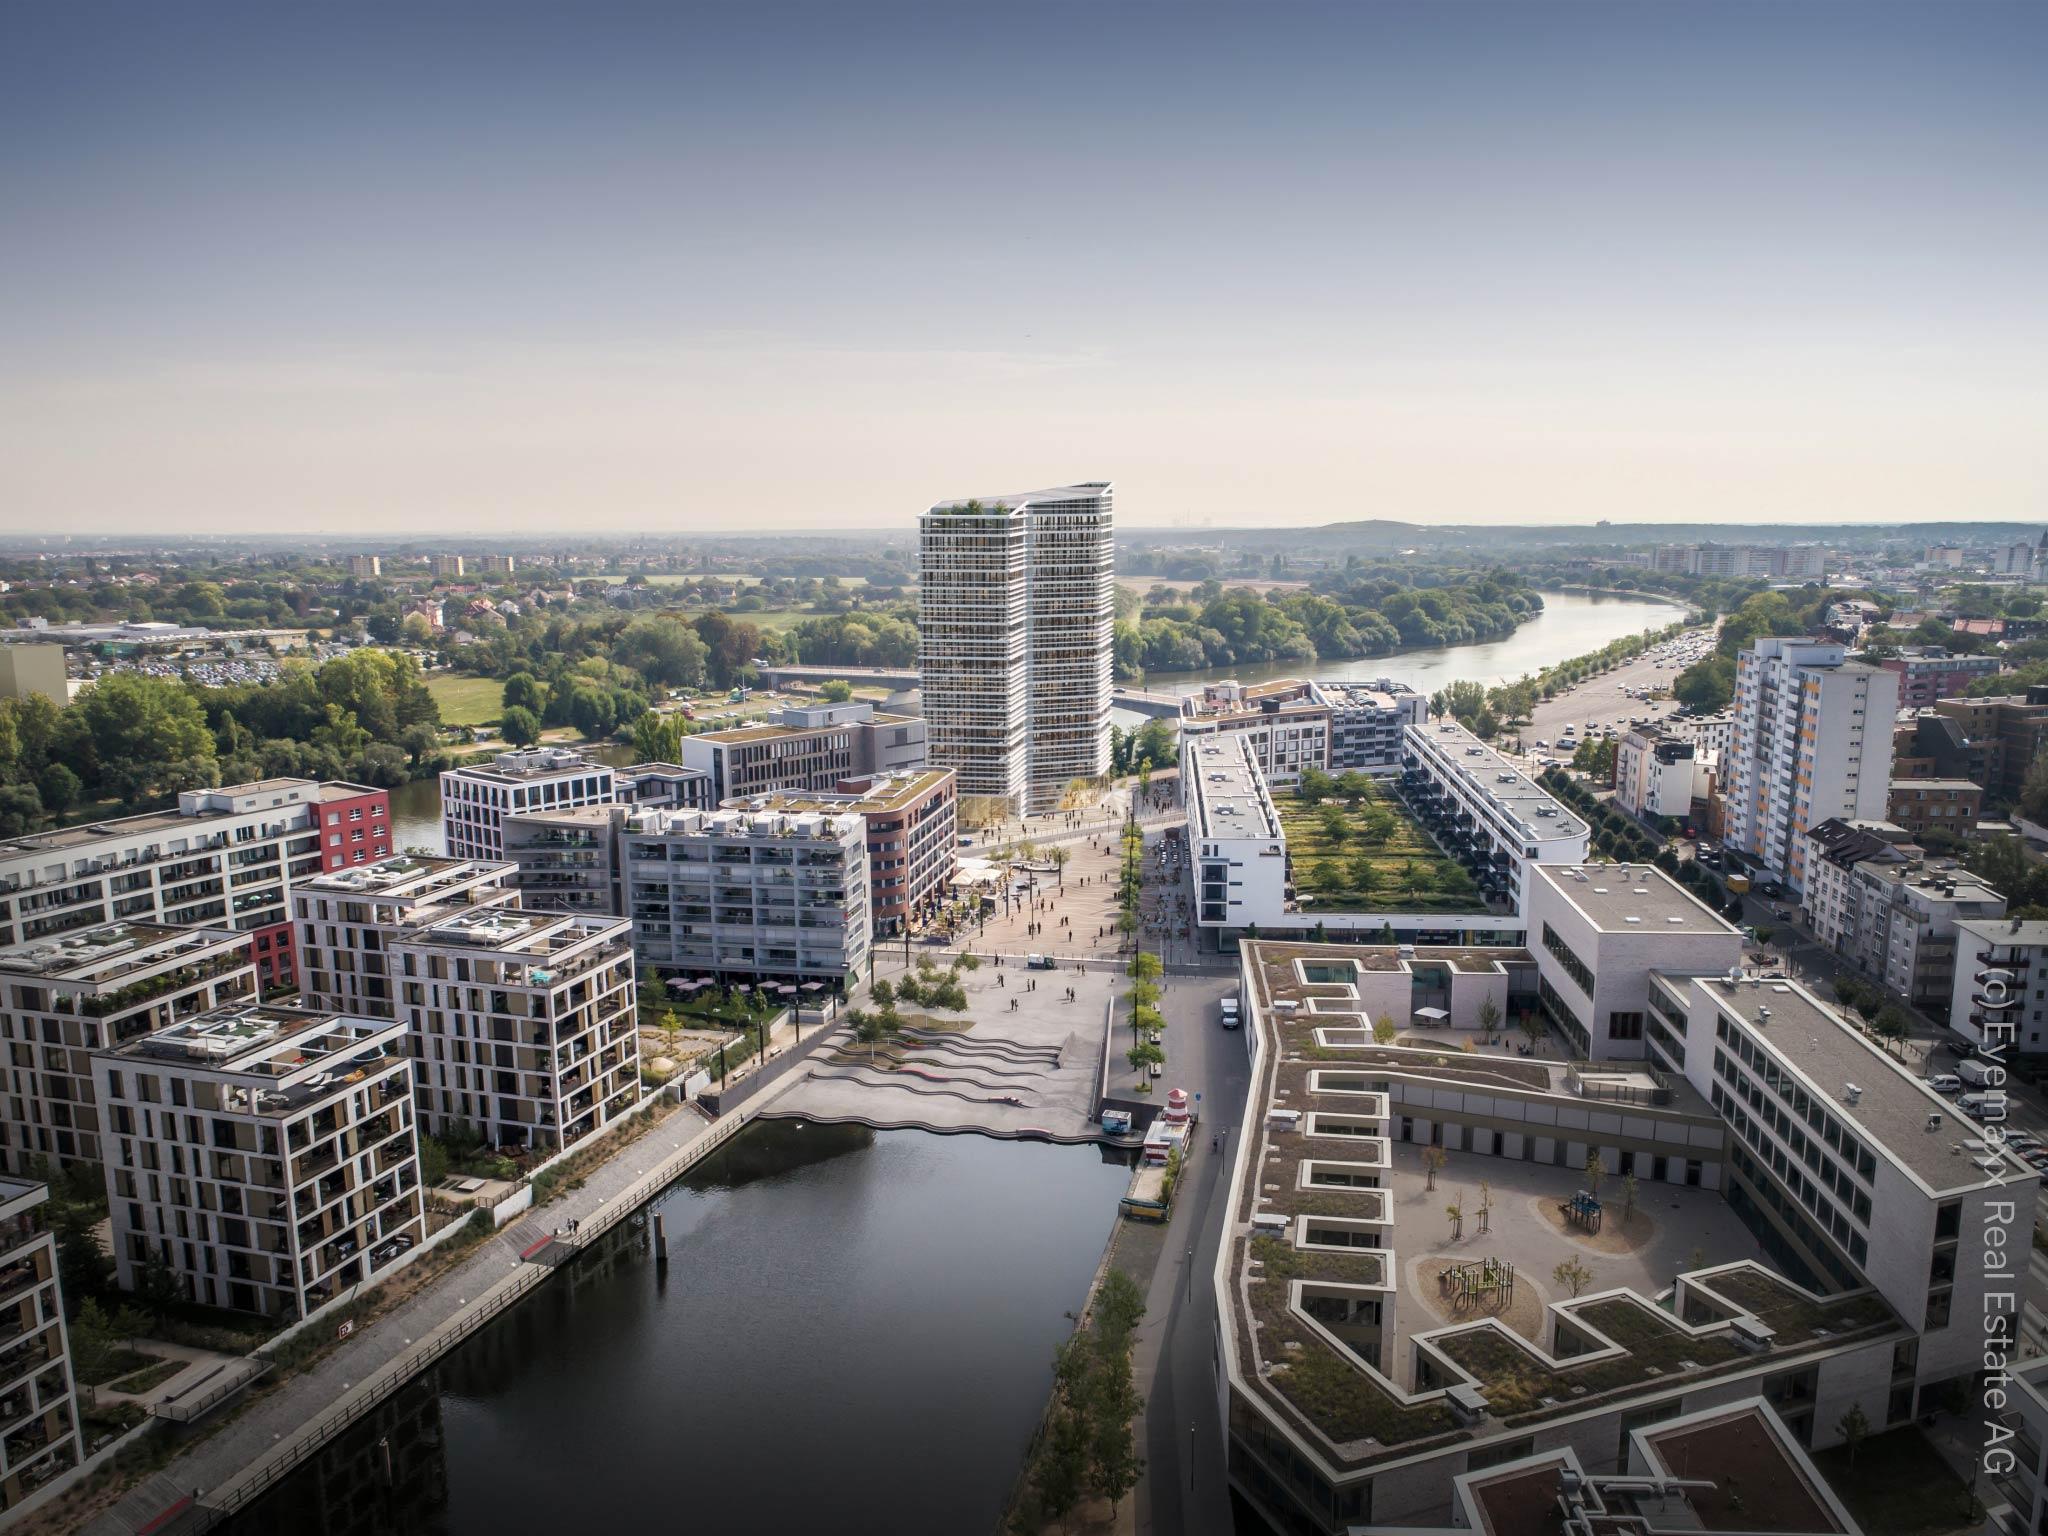 Riverside Office Tower Wayv - Main East Gate Offenbach - Neues Hochhaus Offenbach Animation - Hochhaus Offenbach Hafen von Eyemaxx